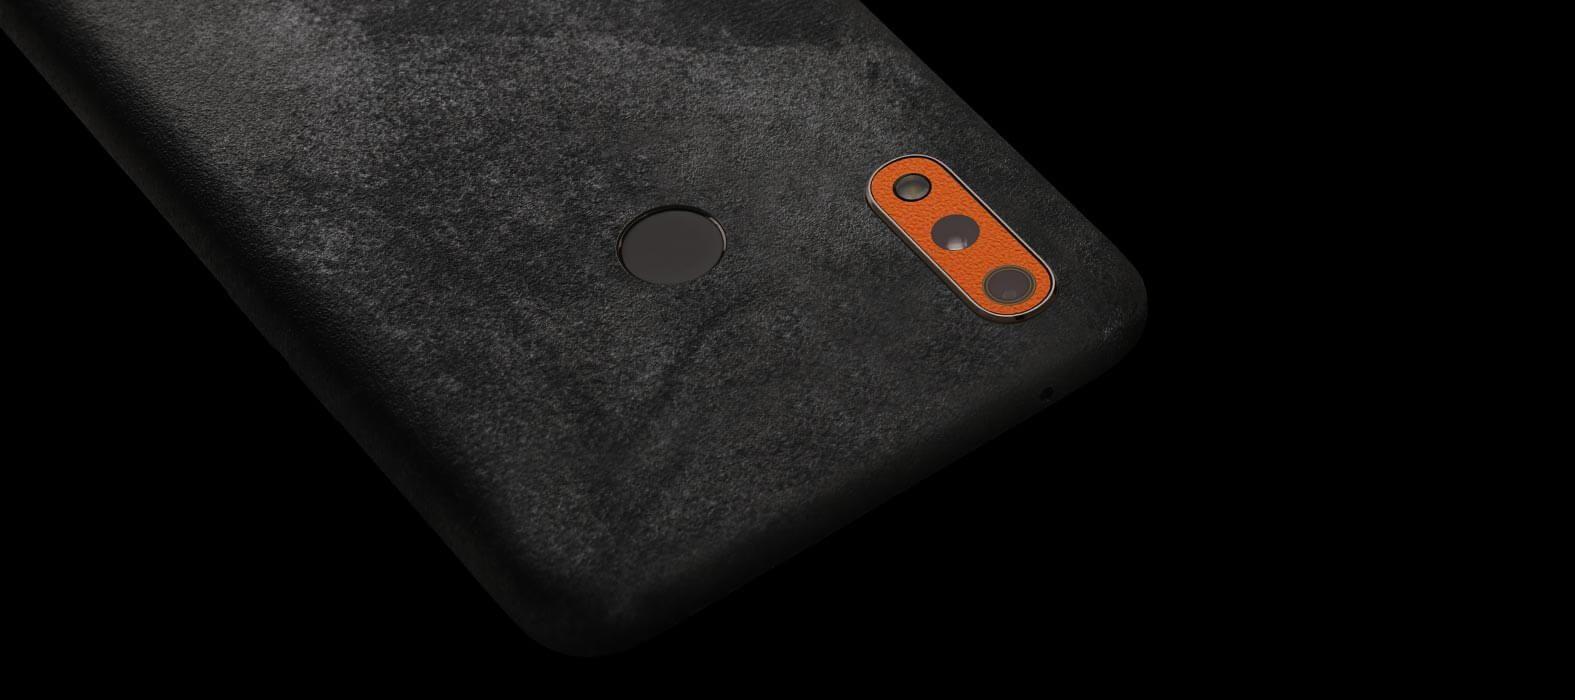 Realme 3 Pro Black Grunge Skins